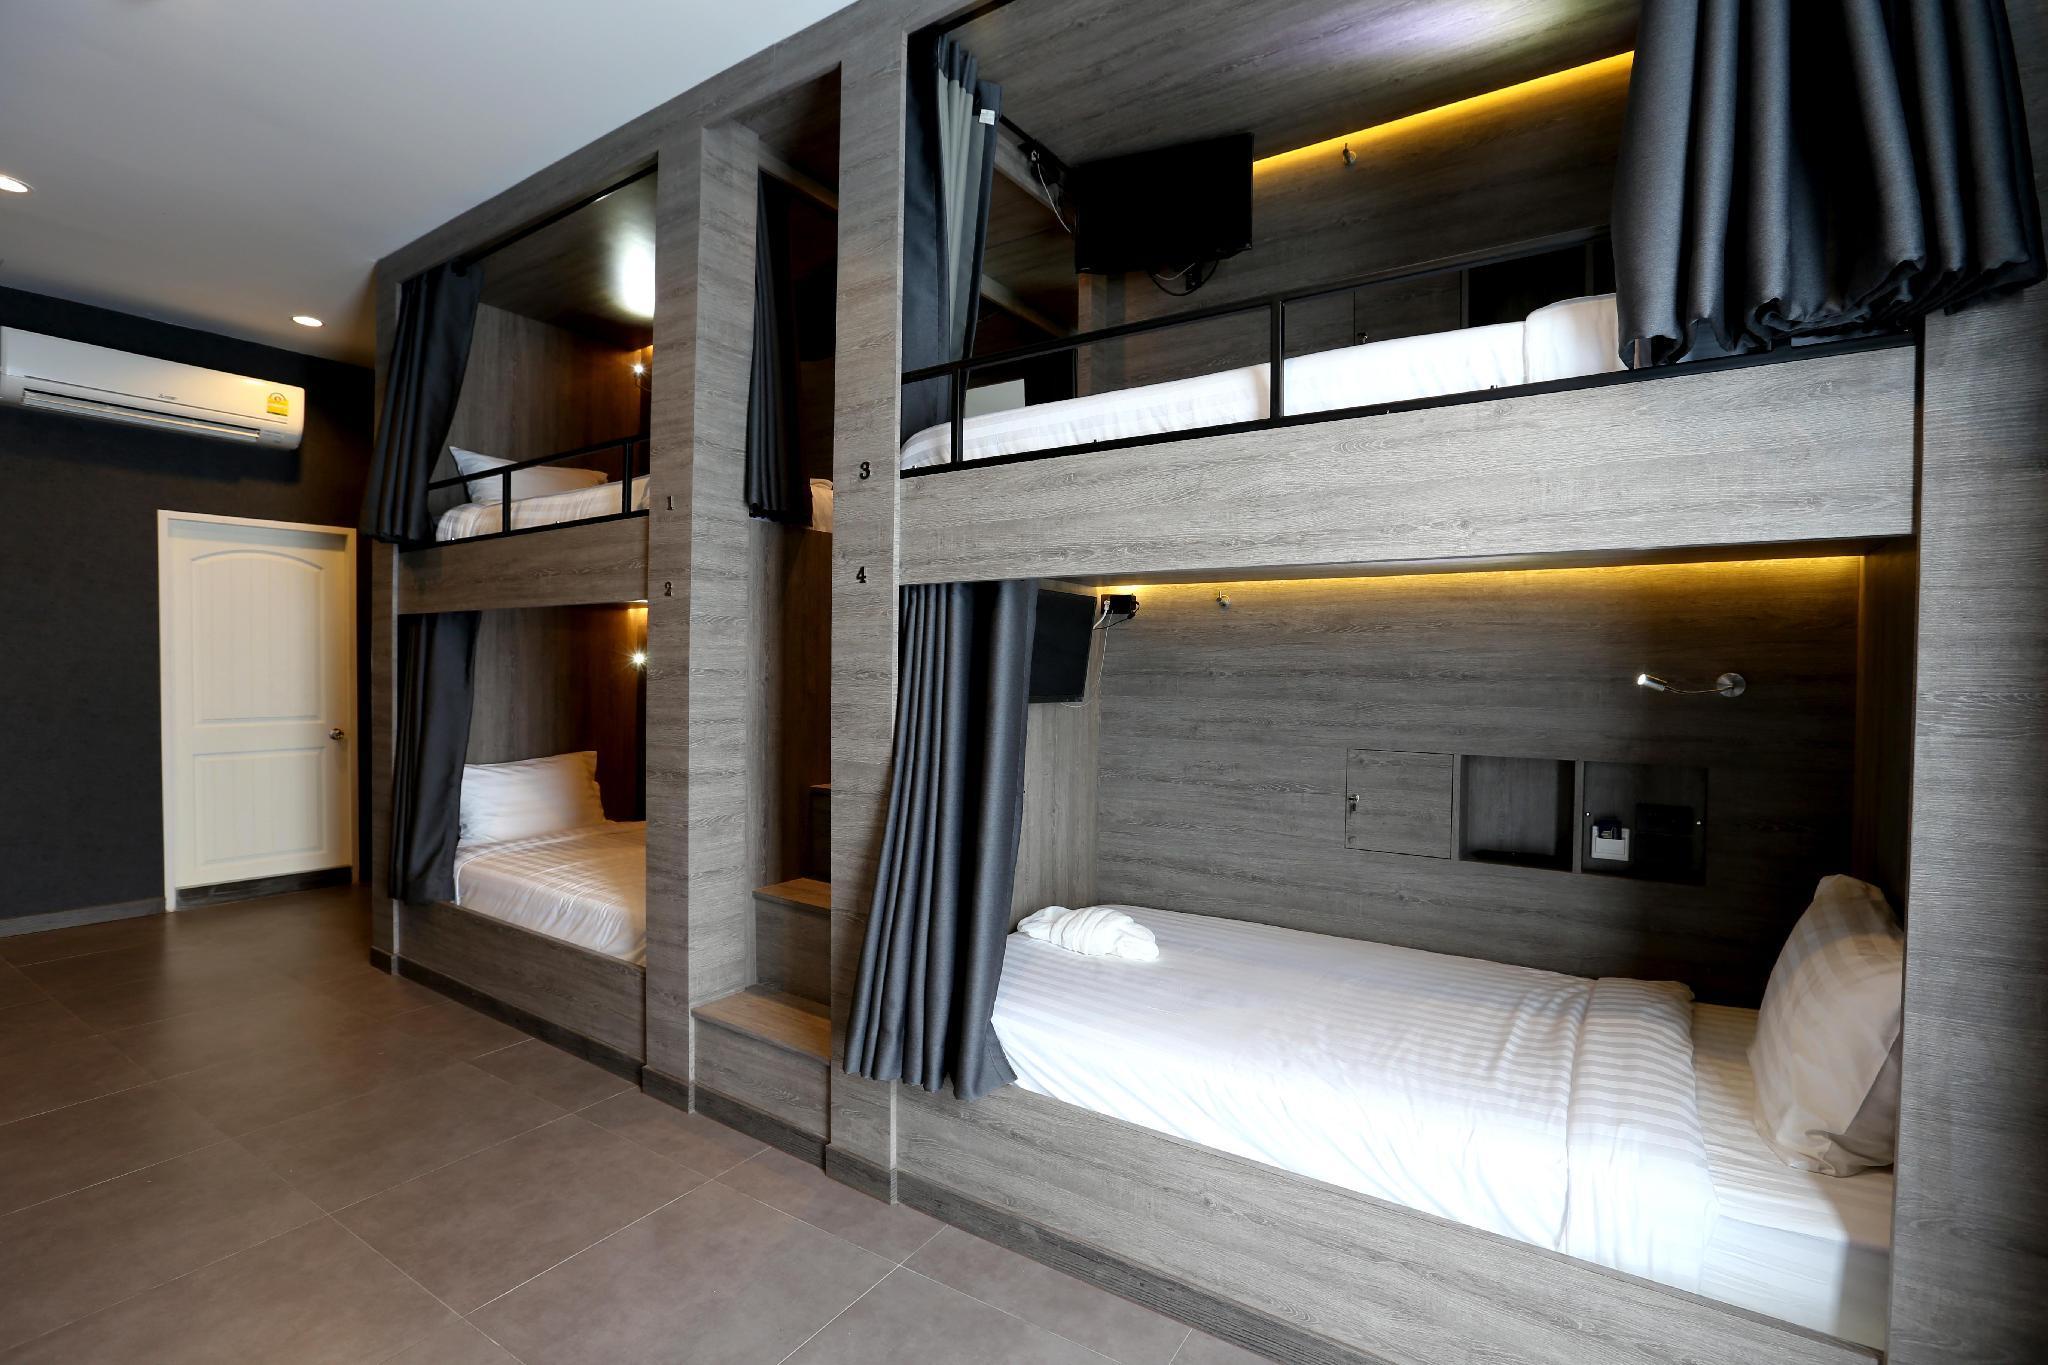 8 Bunk Bed Mixed Dormitory Room En Suite Bathroom And Balcony 11736612 Hotel Bangkok Deals Photos Reviews